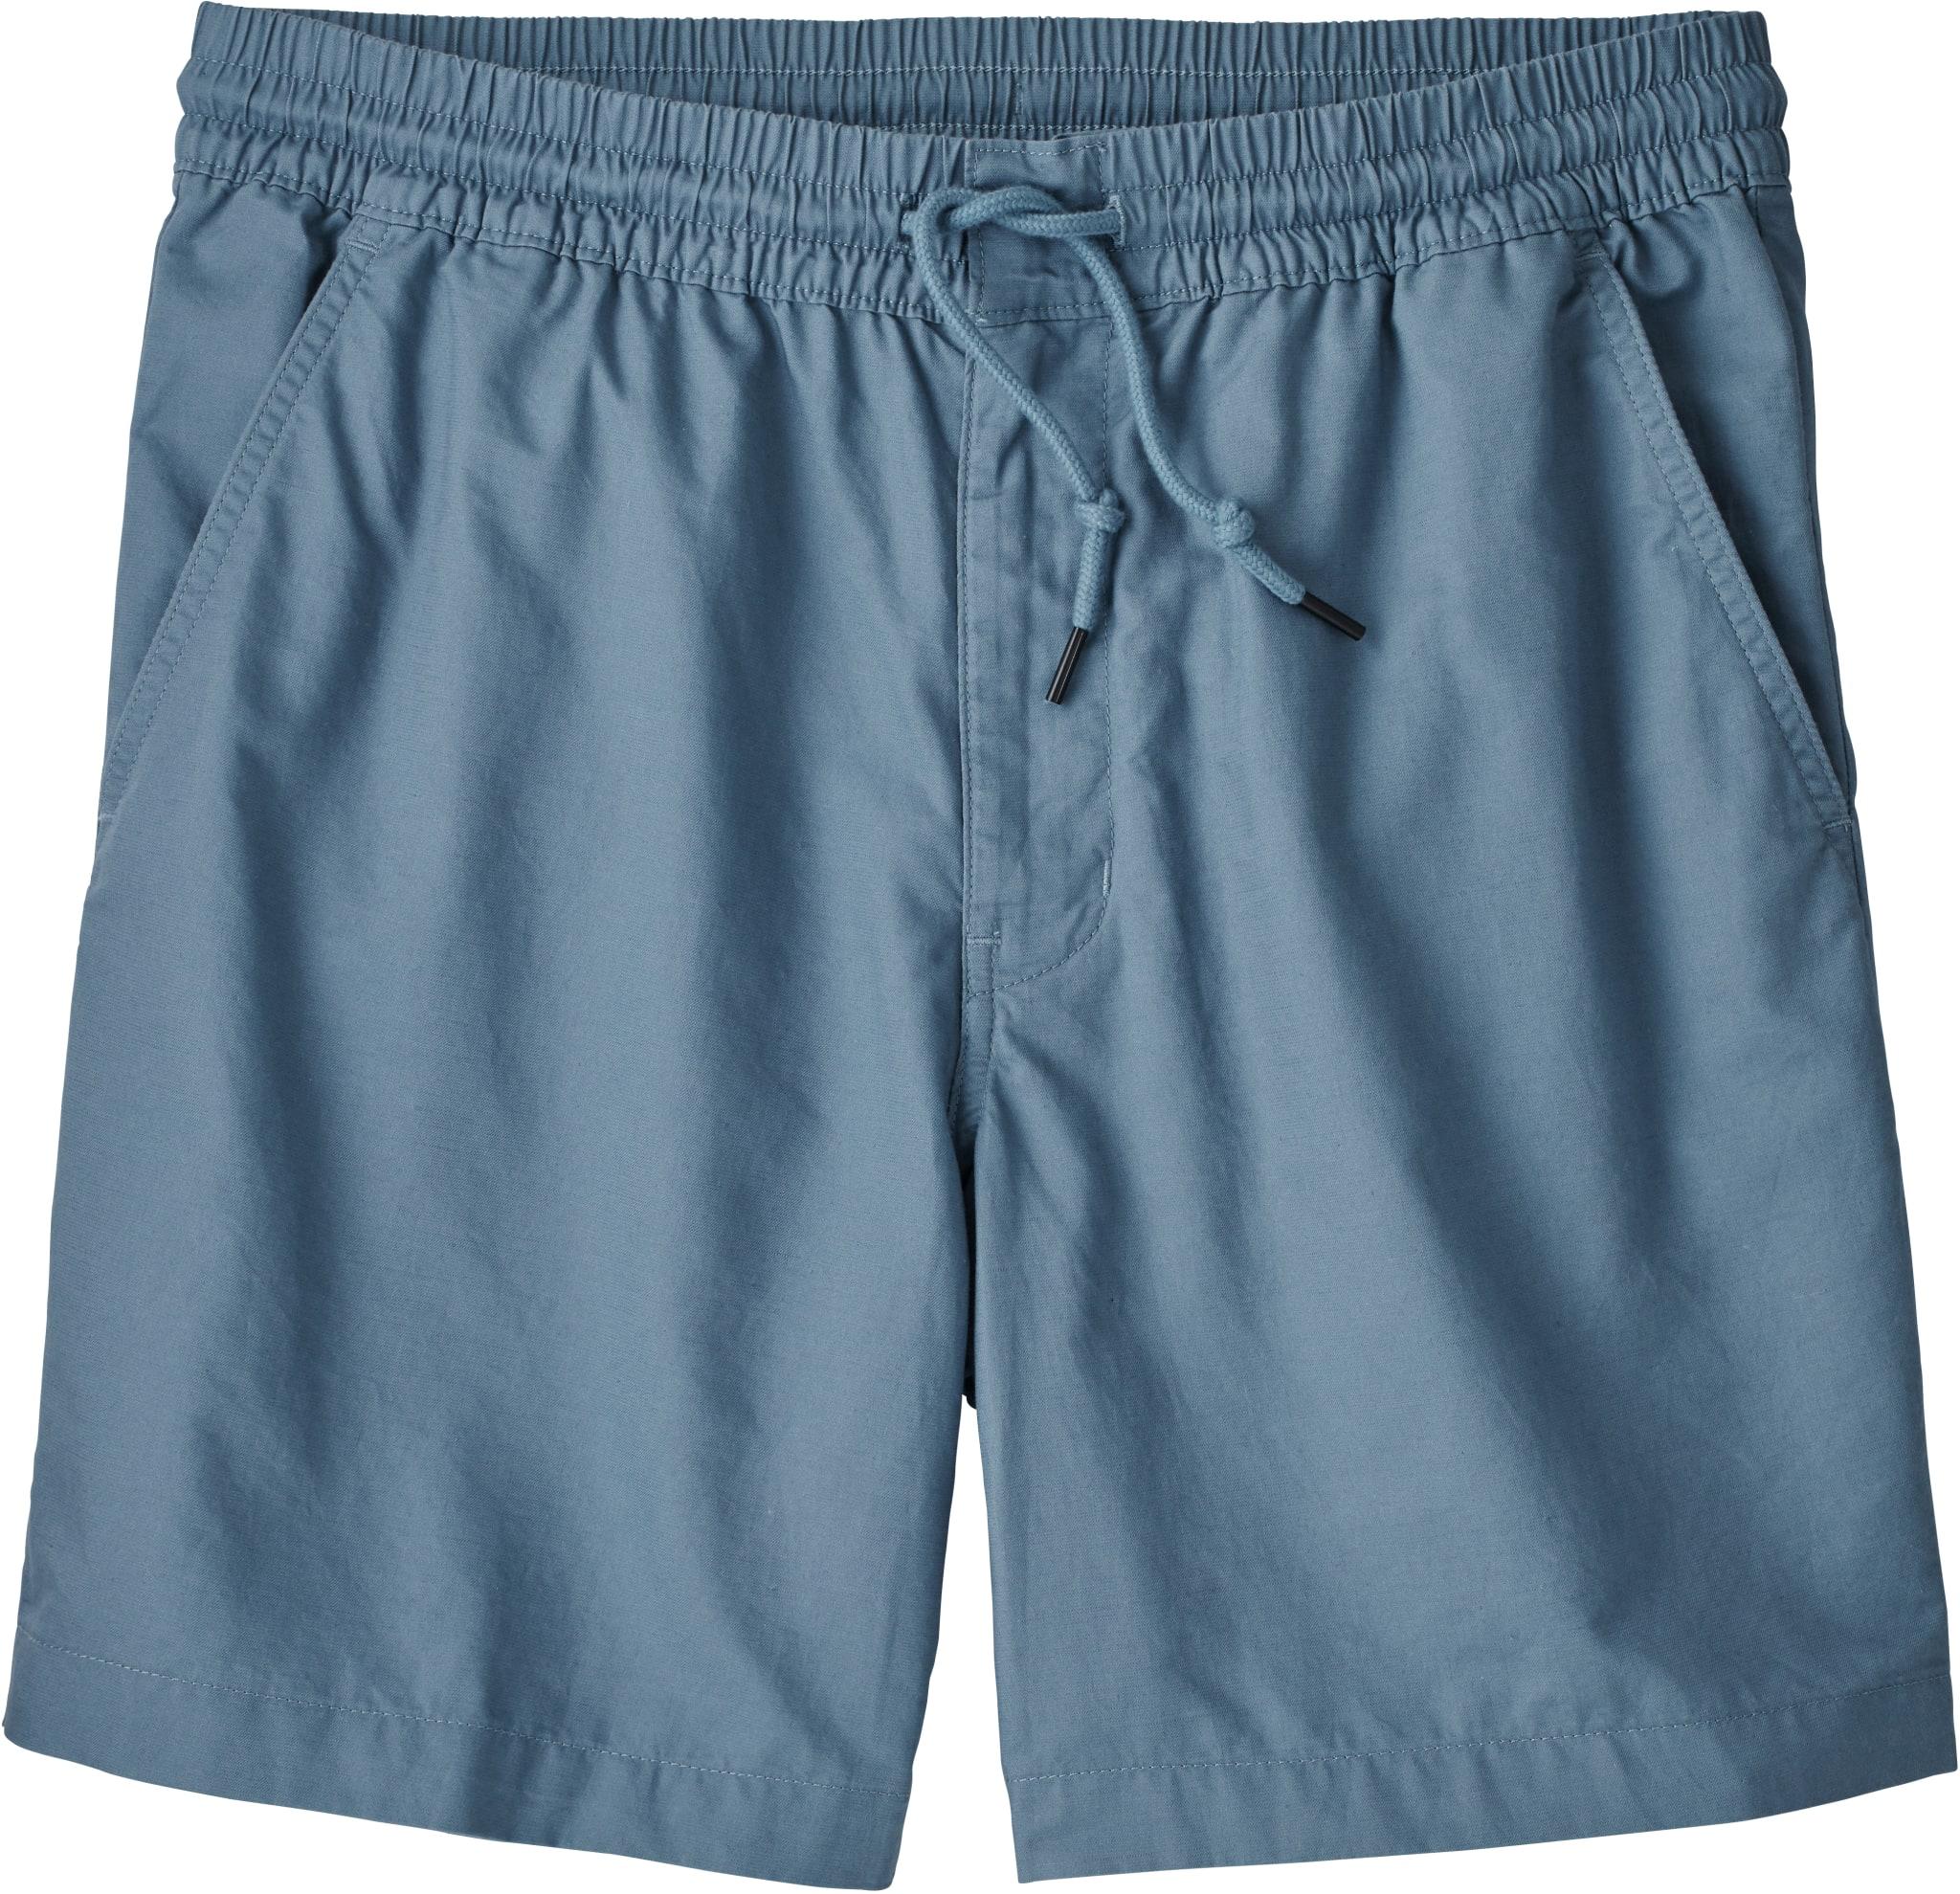 Lette shorts i bomull og hamp-blanding